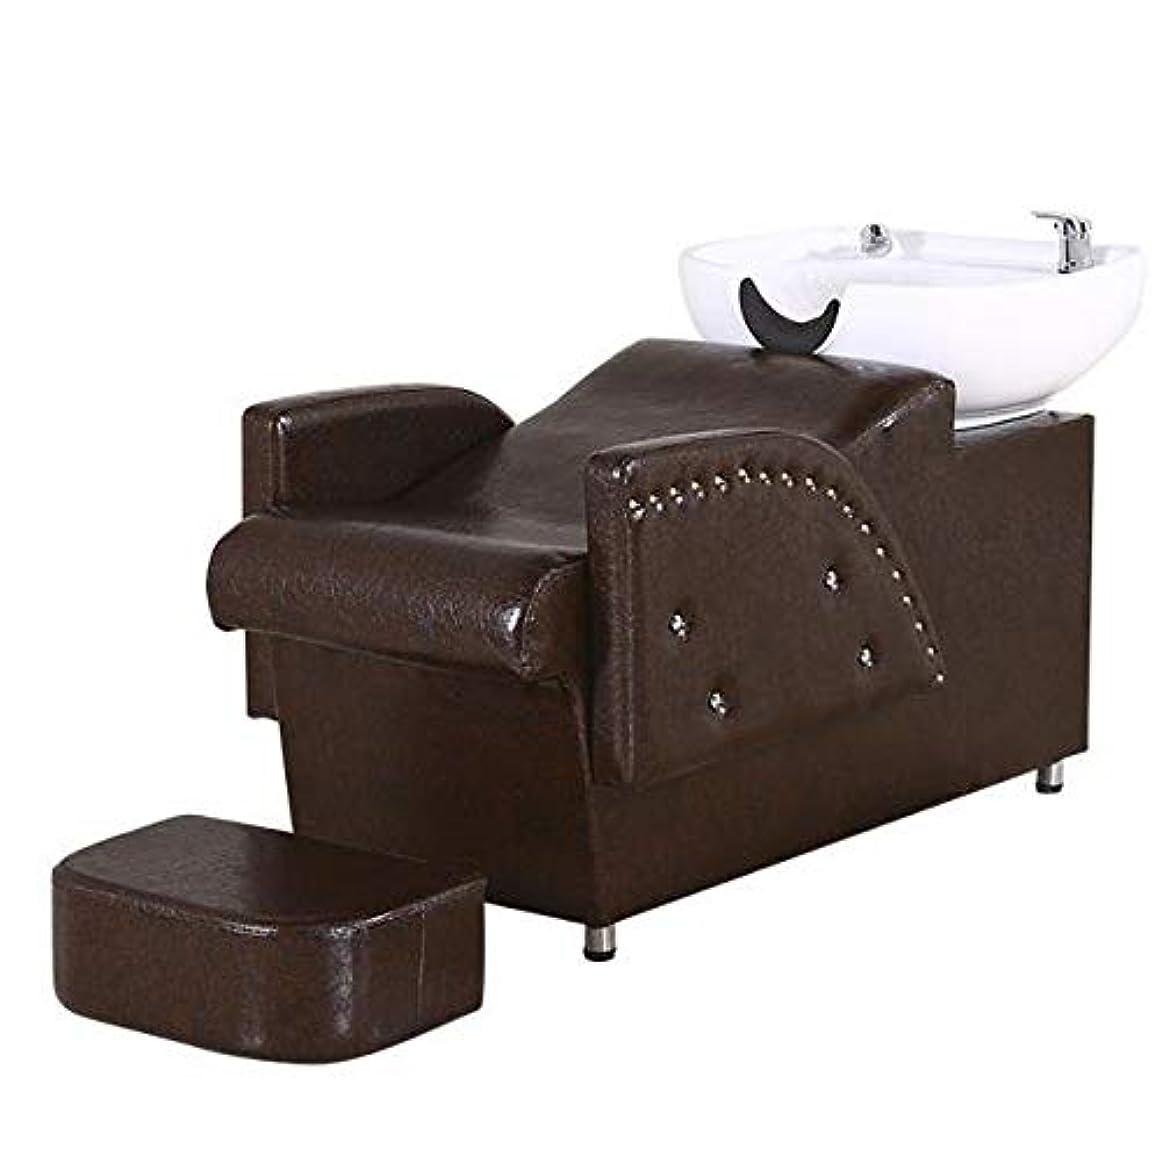 シミュレートする力強い粘土シャンプー椅子、逆洗ユニットシャンプーボウル理髪シンク椅子スパ美容院機器半横臥シャンプーベッド